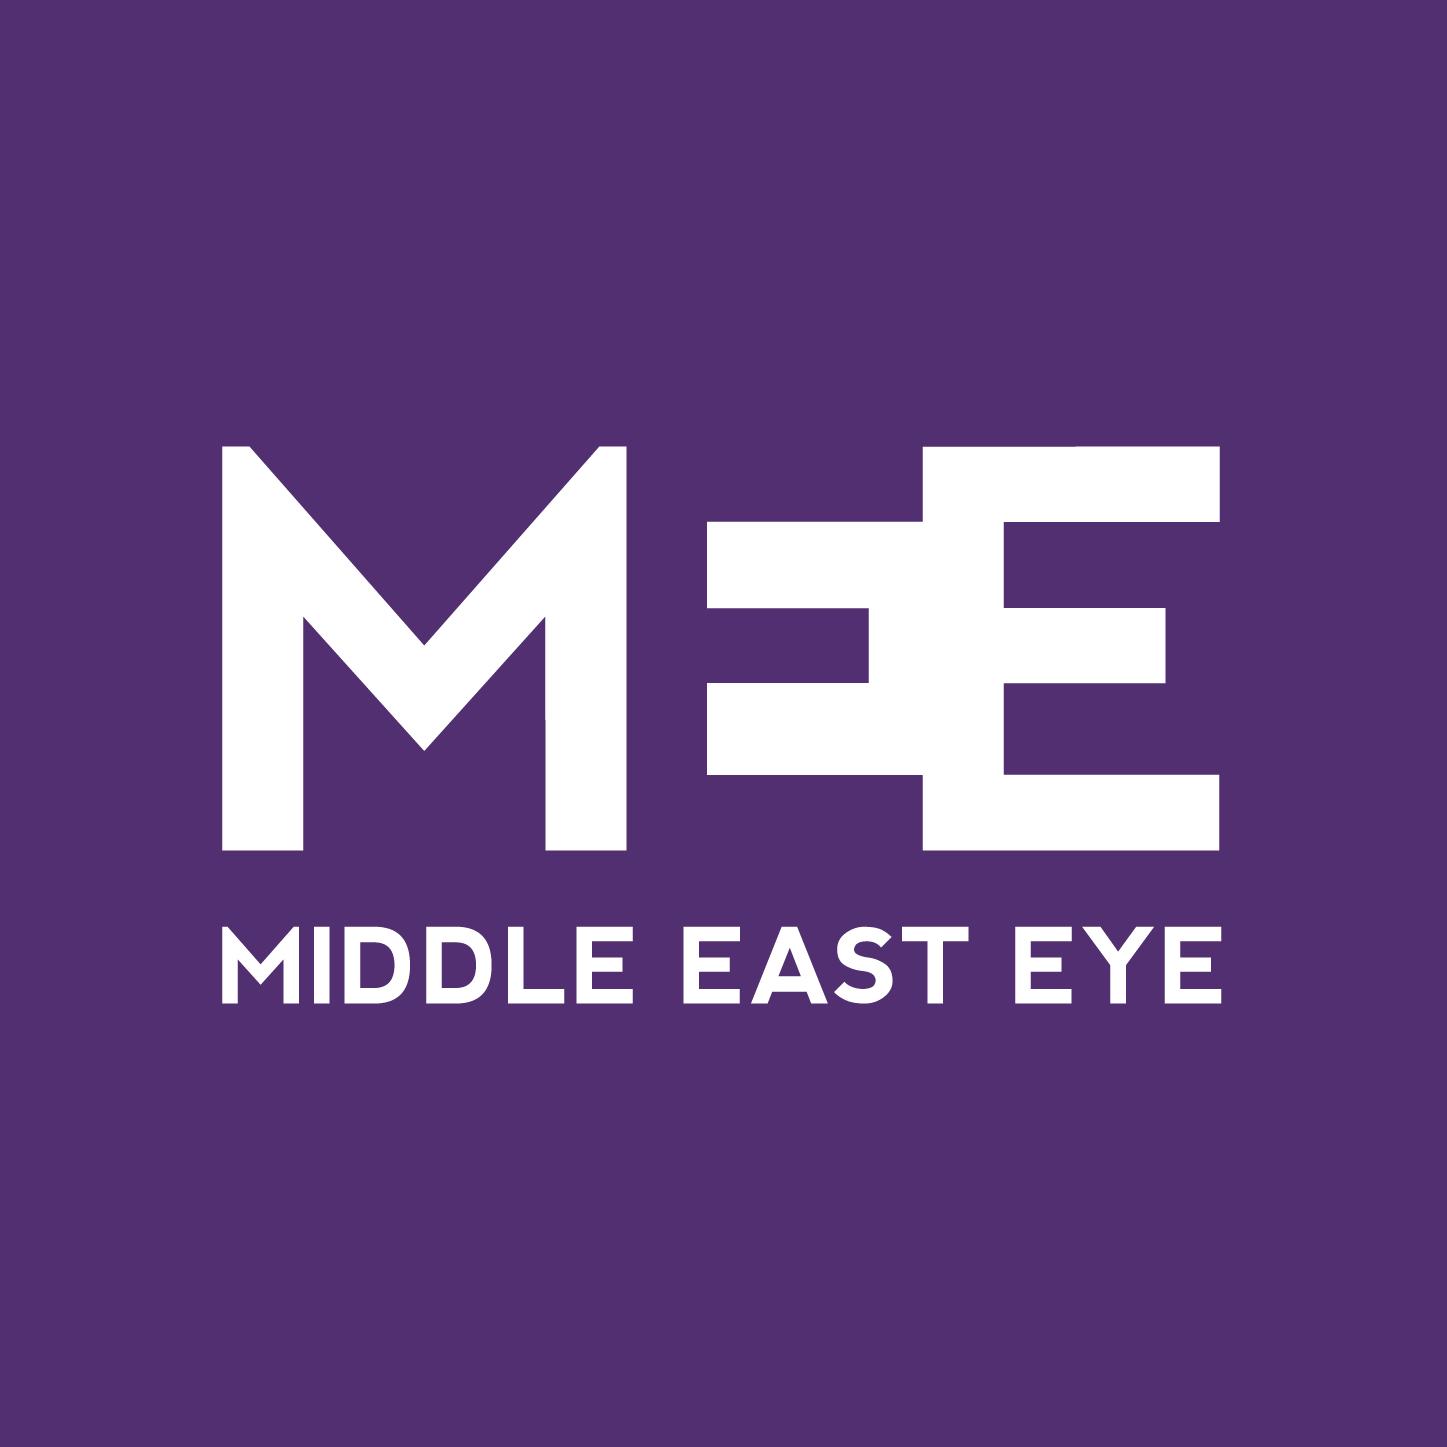 الصورة الرمزية - Middle East Eye